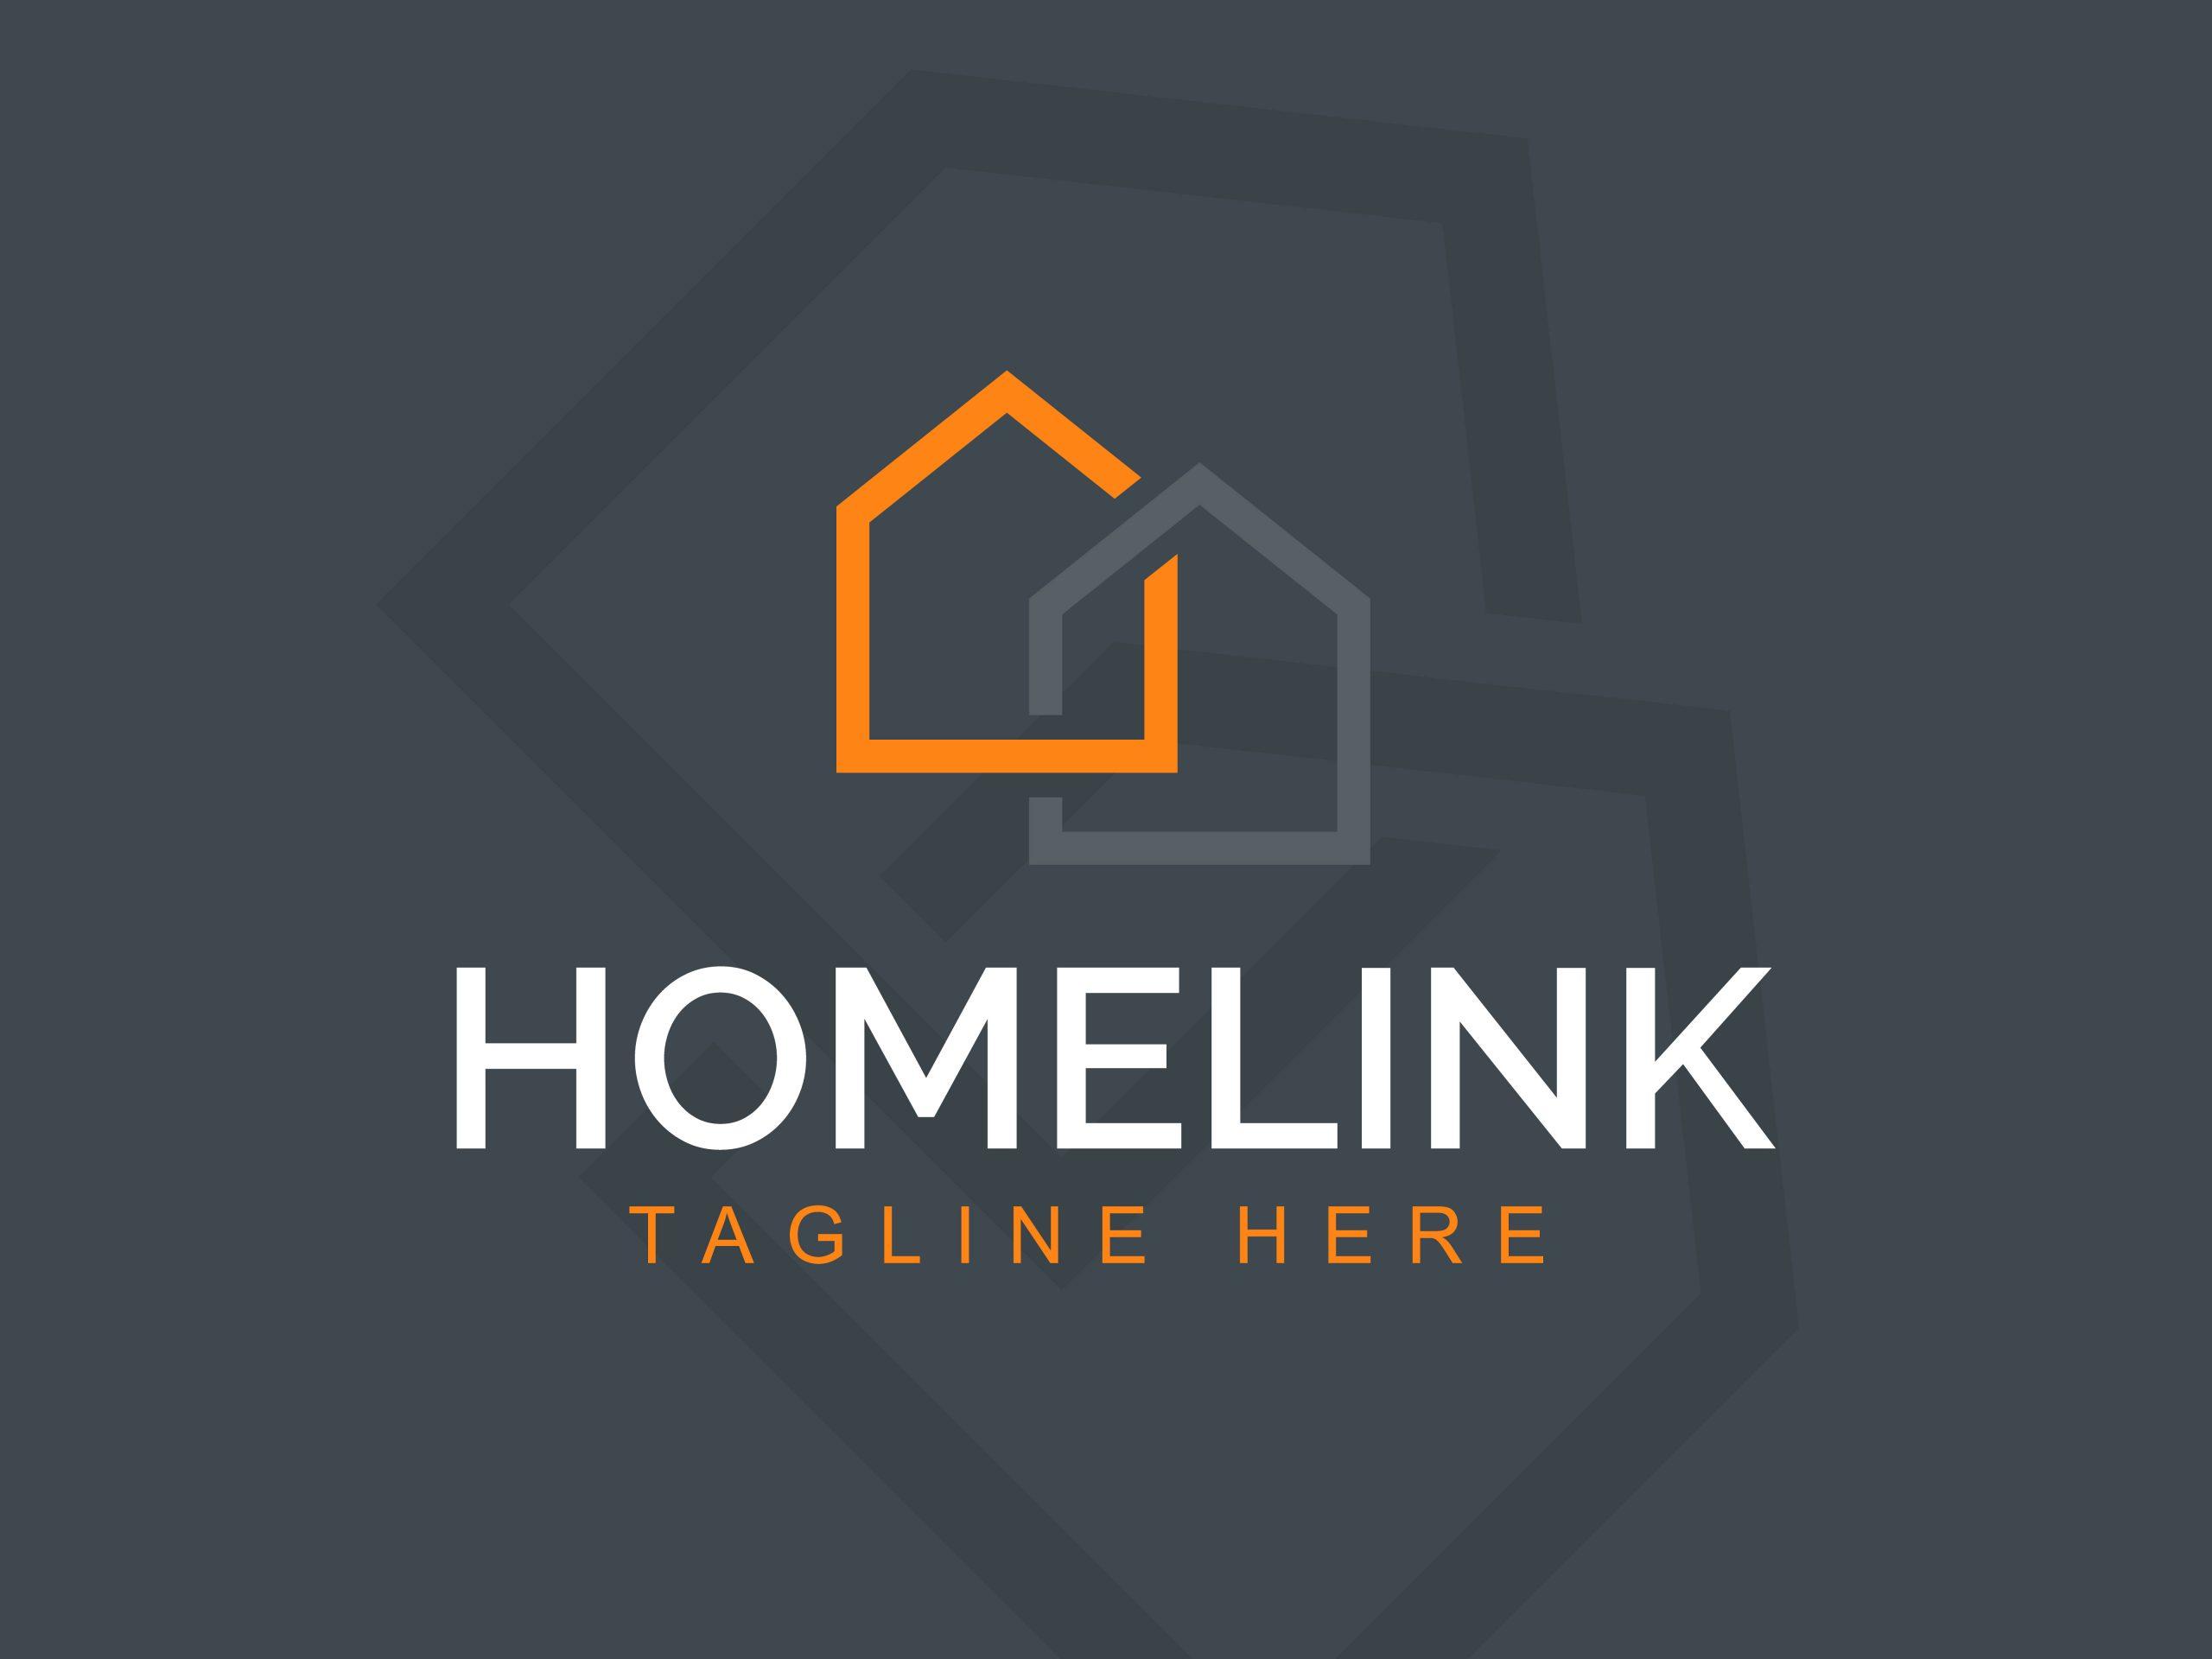 Homelink Vector Download